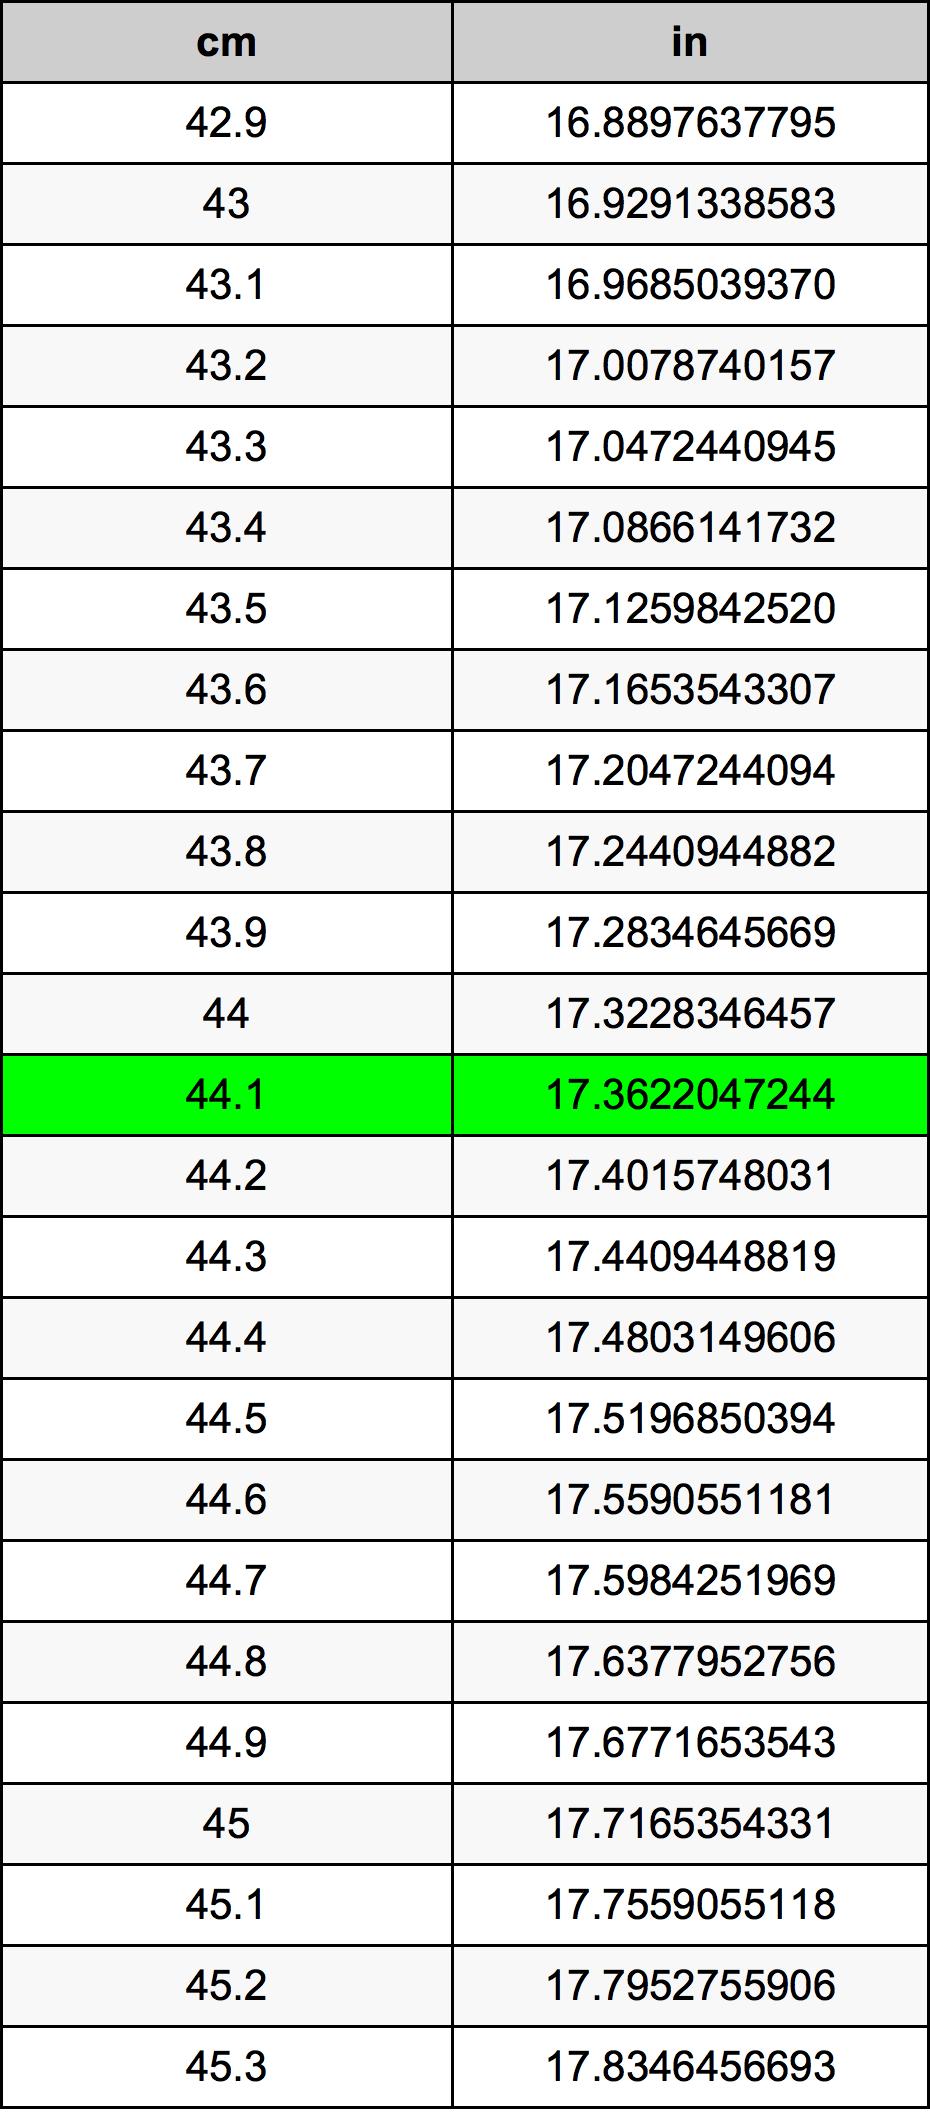 44.1 Centimeter conversietabel